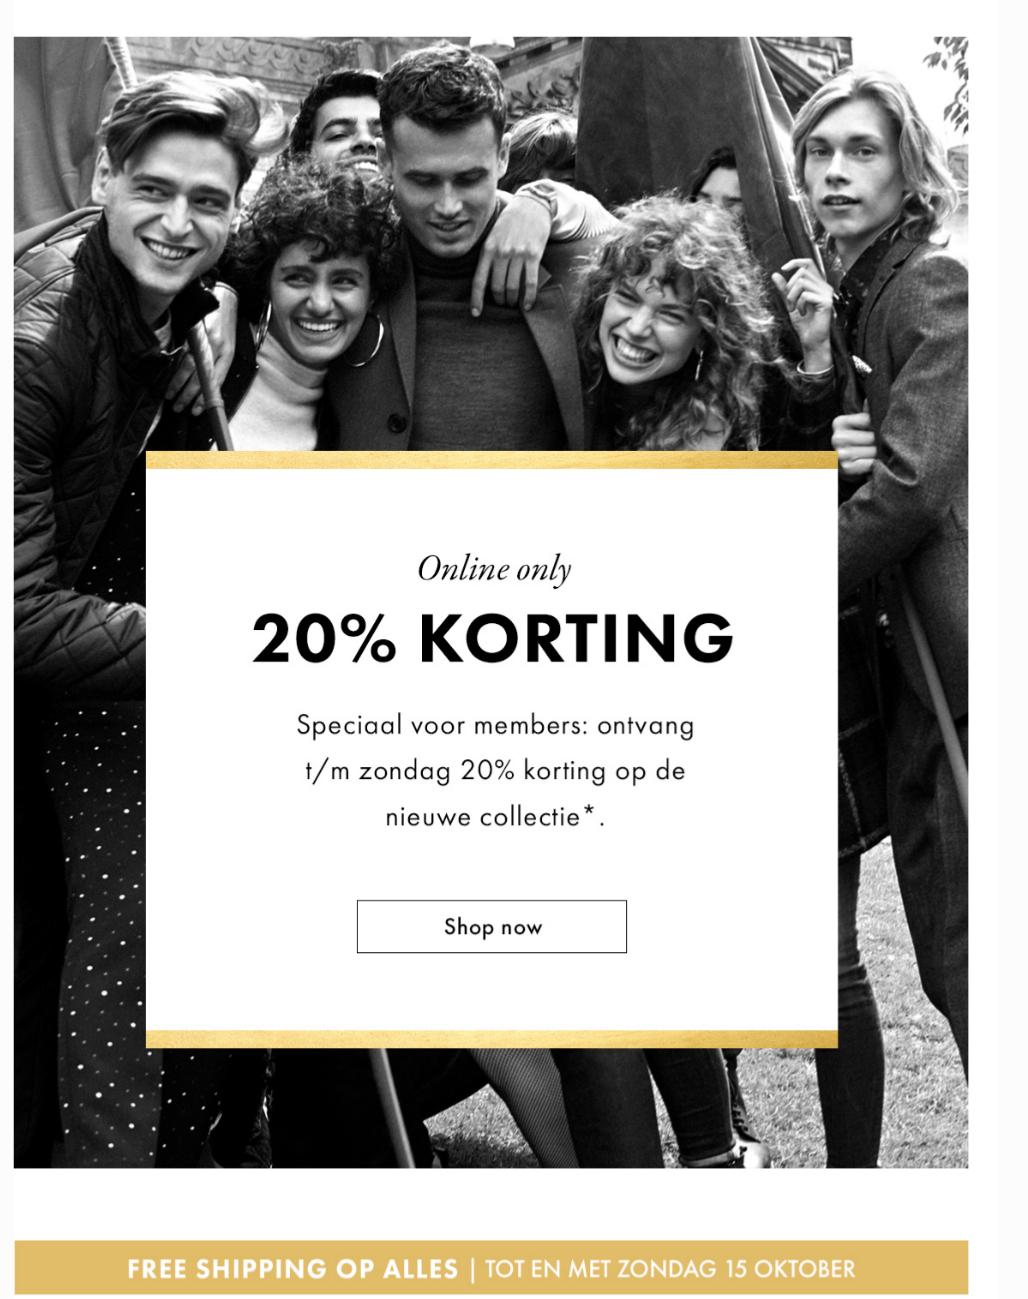 20% korting op de gehele nieuwe collectie voor WE-members, @ WE fashion